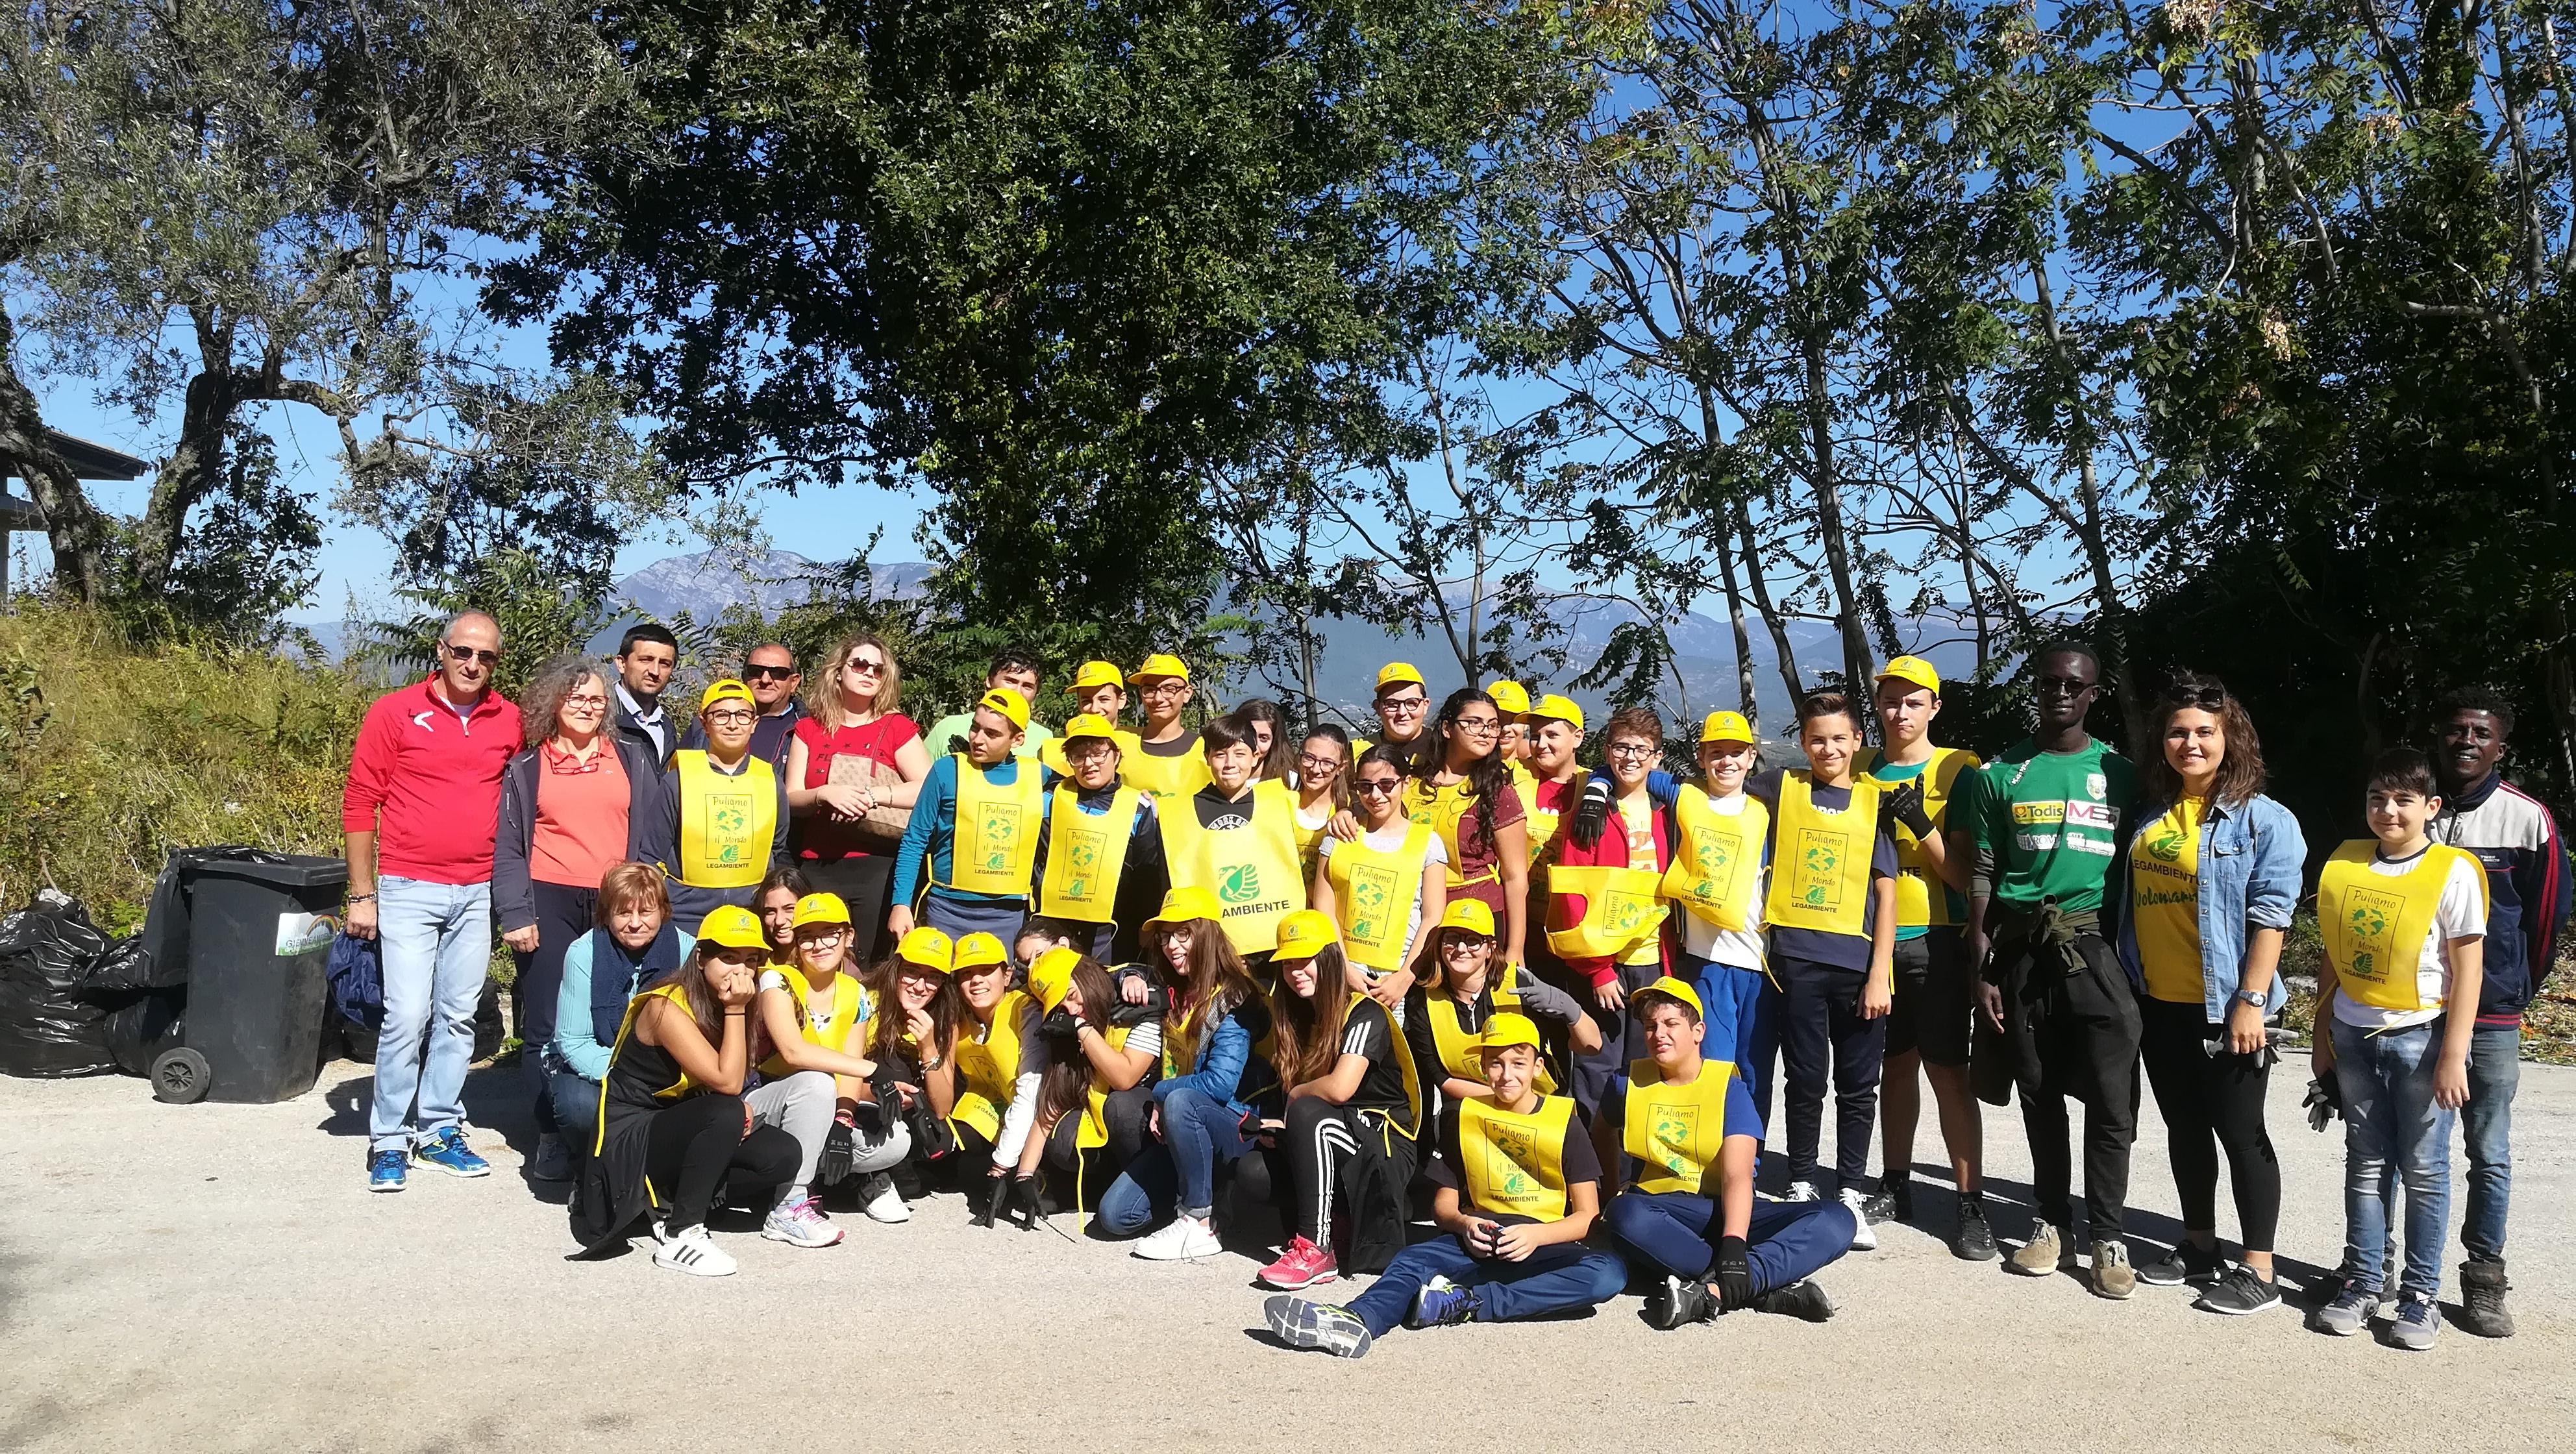 Solopaca, il volontariato ambientale torna in piazza con l'operazione 'Puliamo il mondo dai pregiudizi'